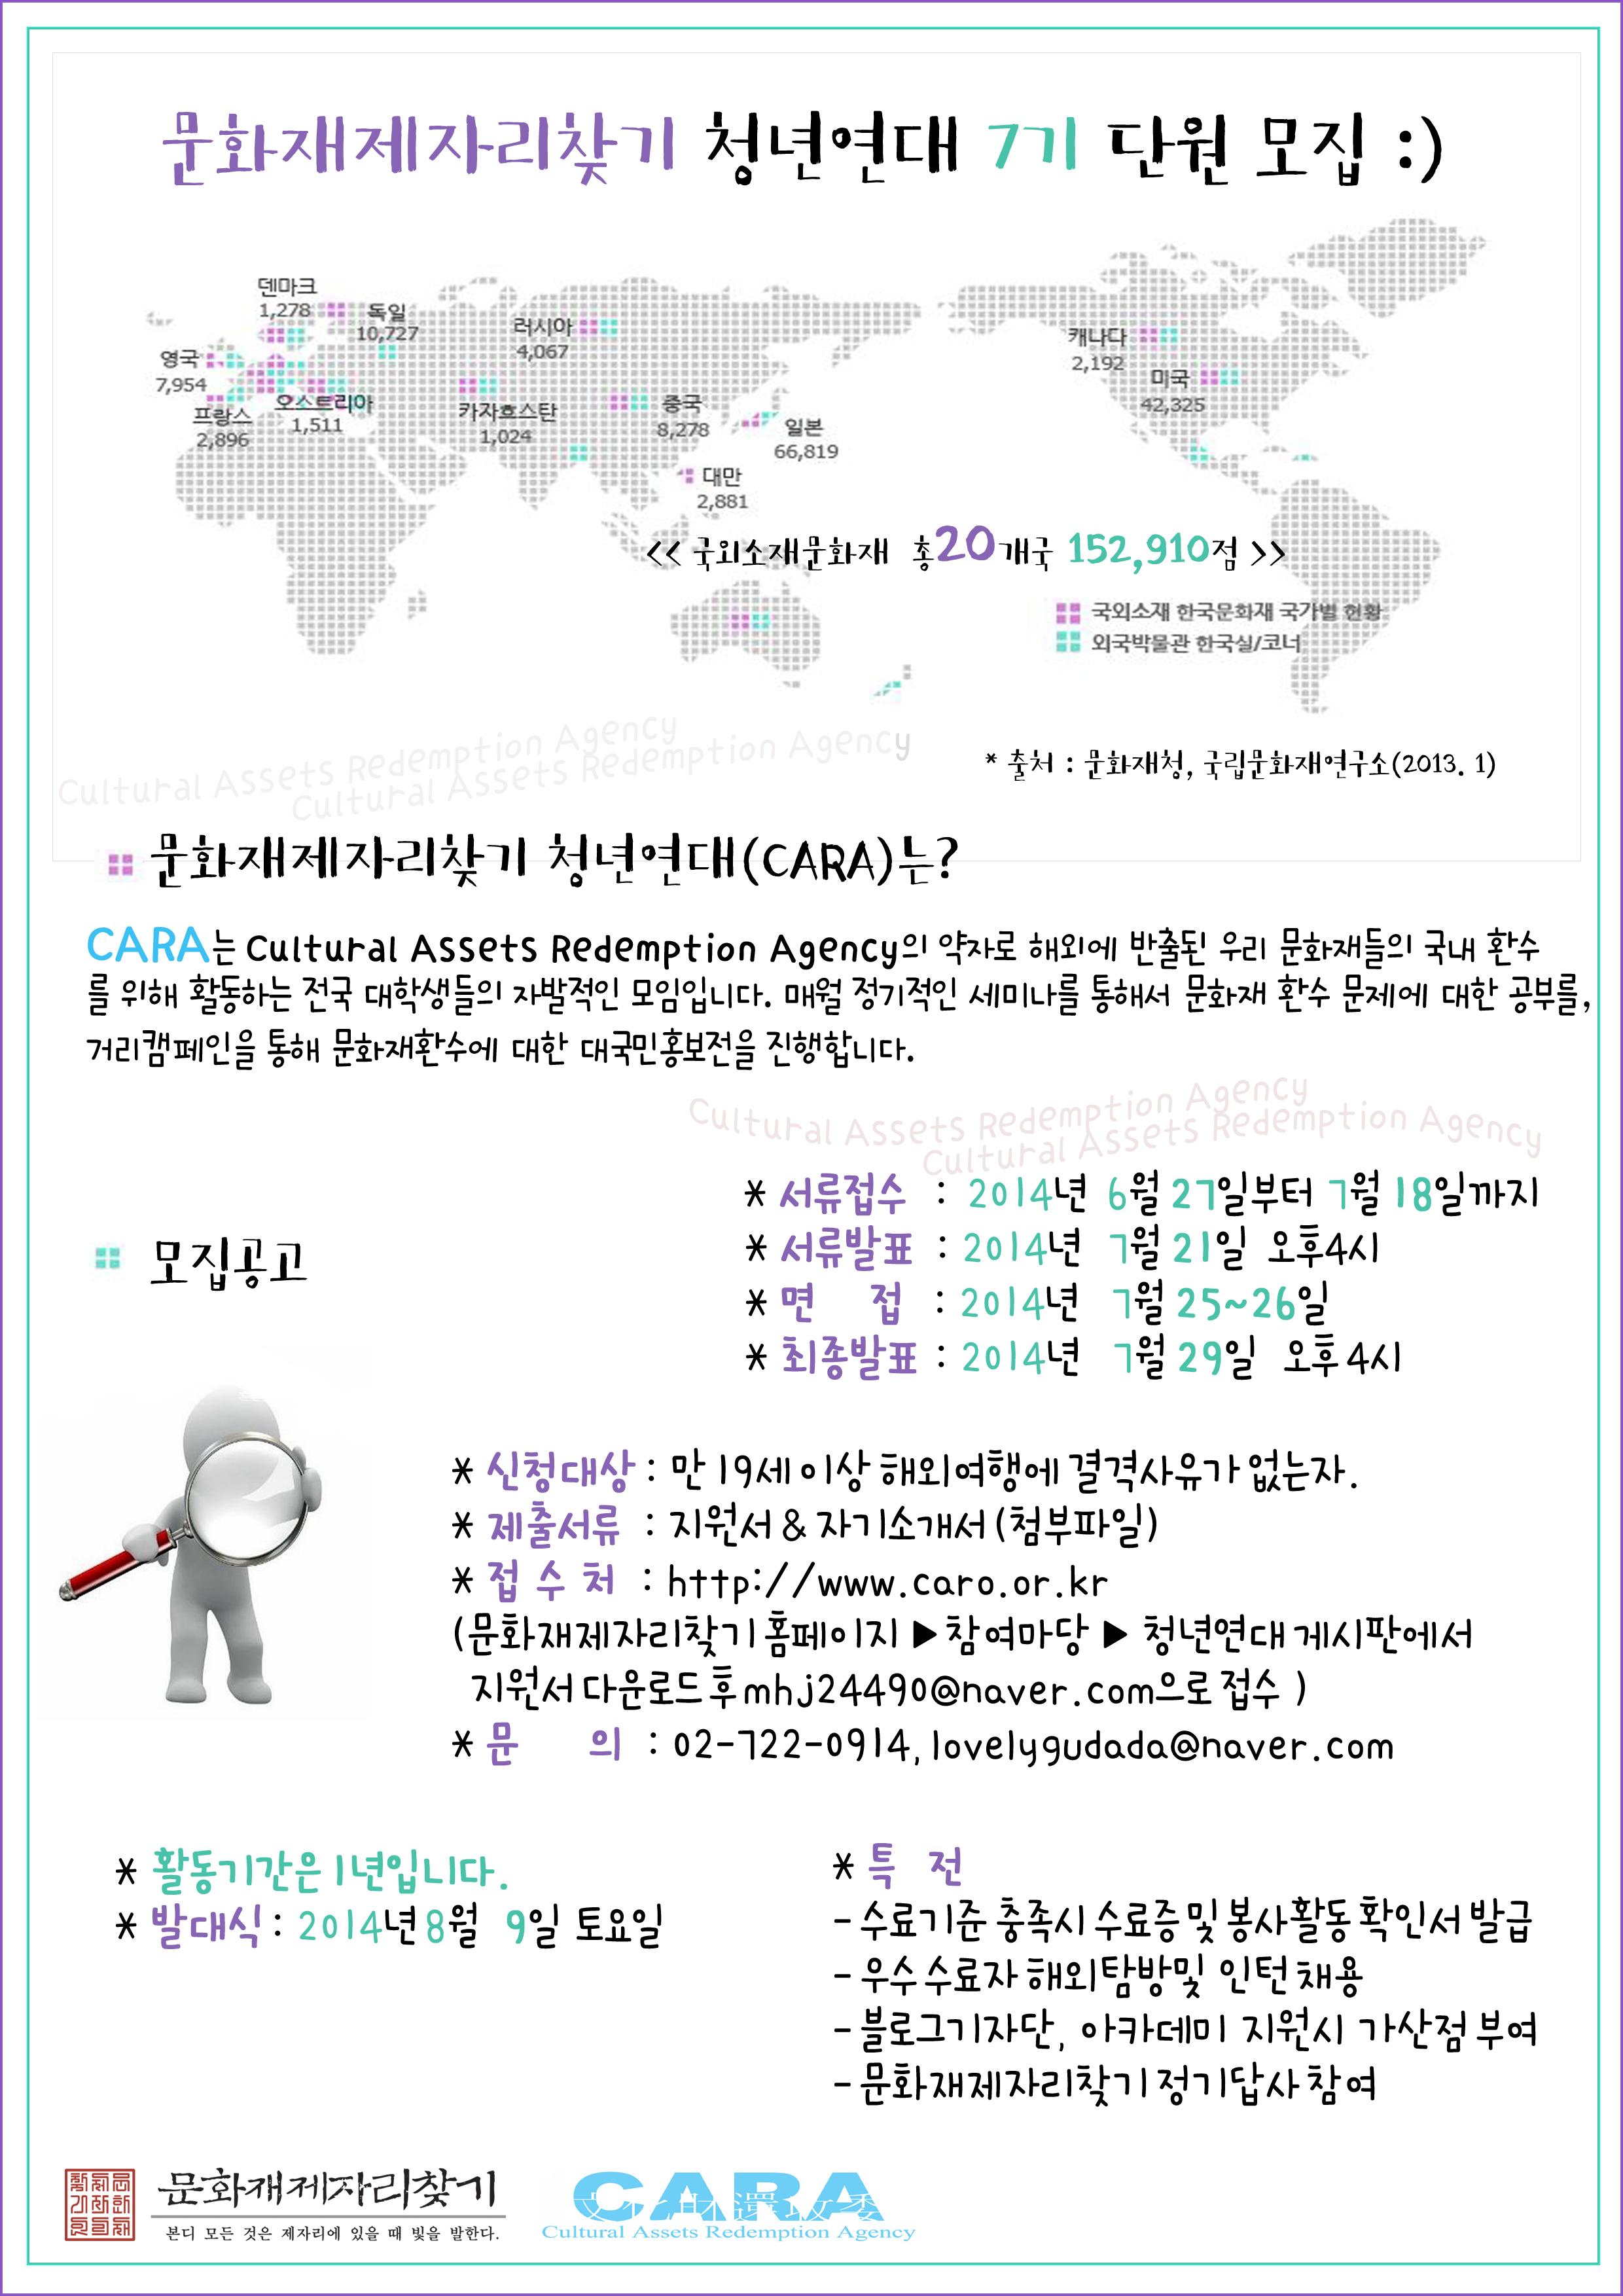 문화재제자리찾기 청년연대 7기 모집 포스터.jpg